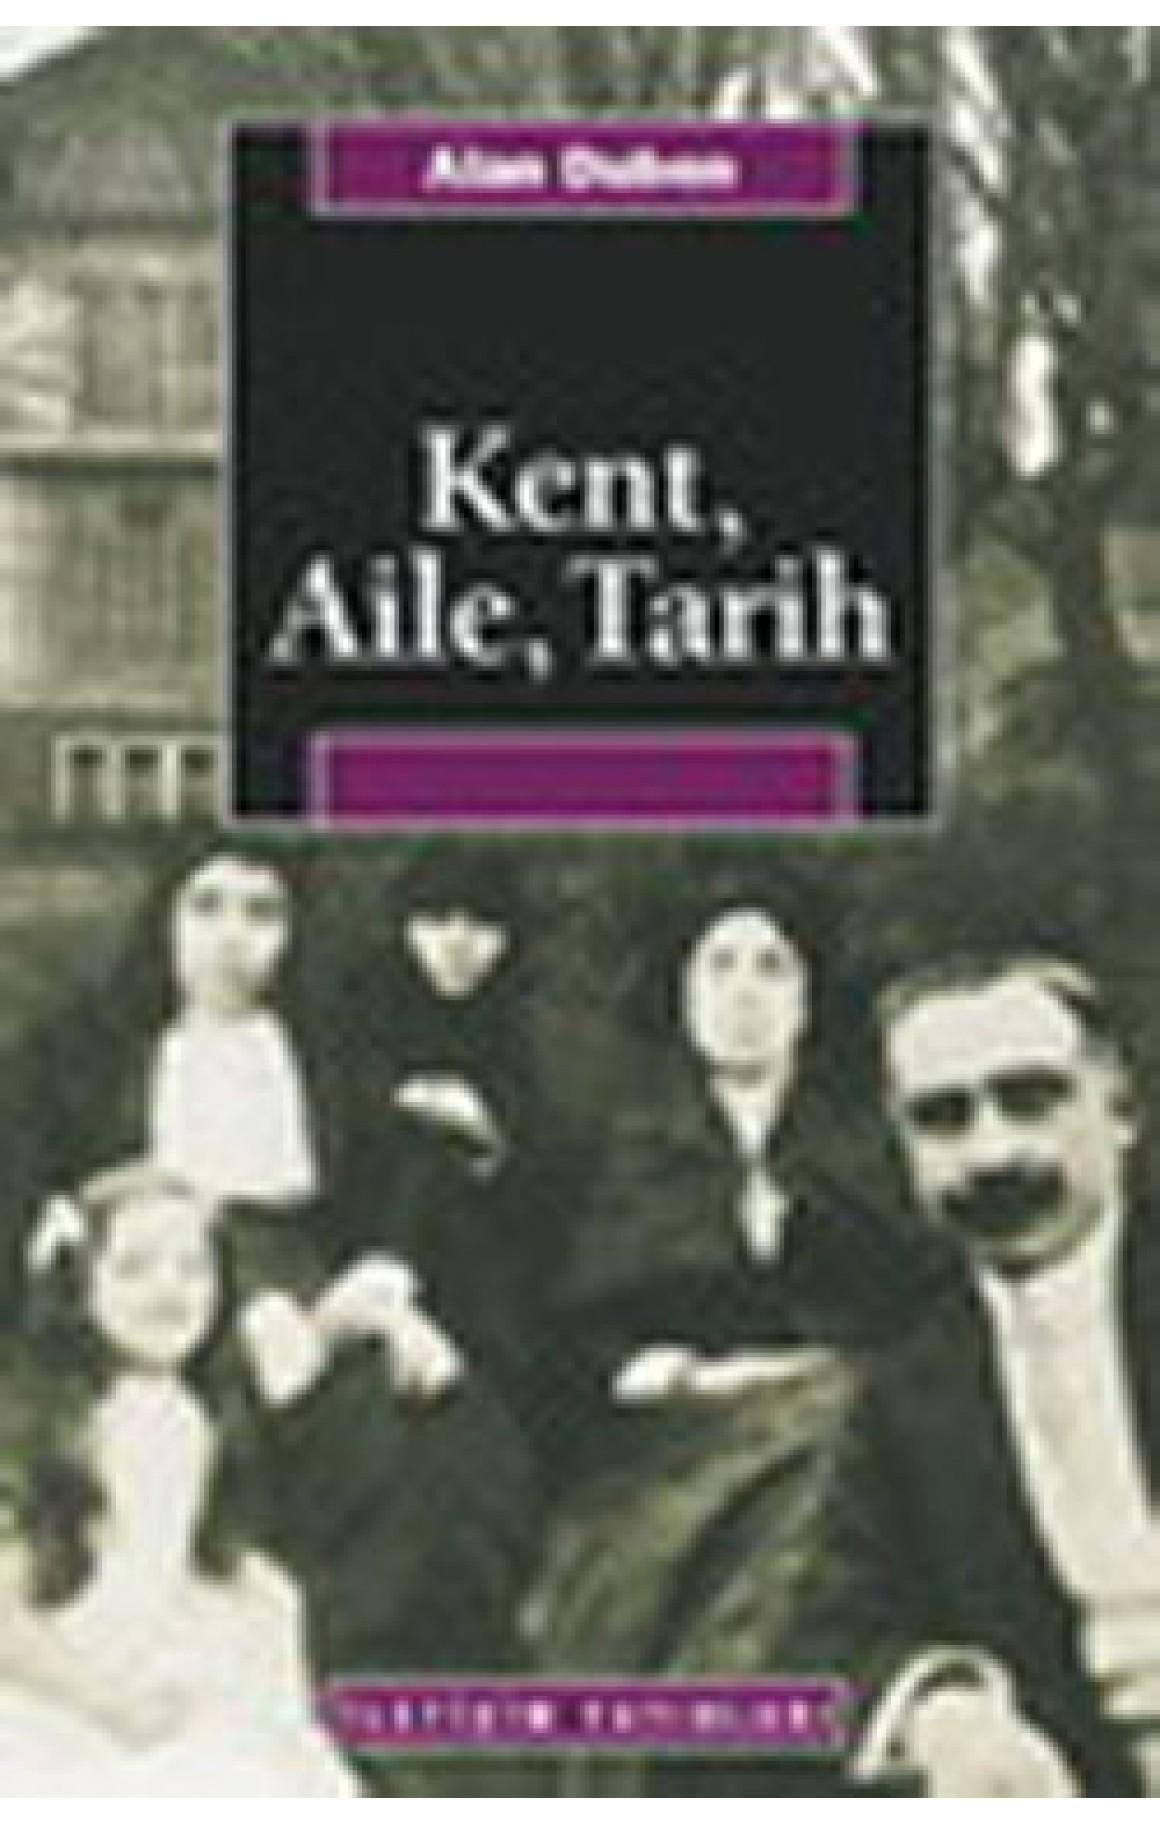 Kent,Aile,Tarih